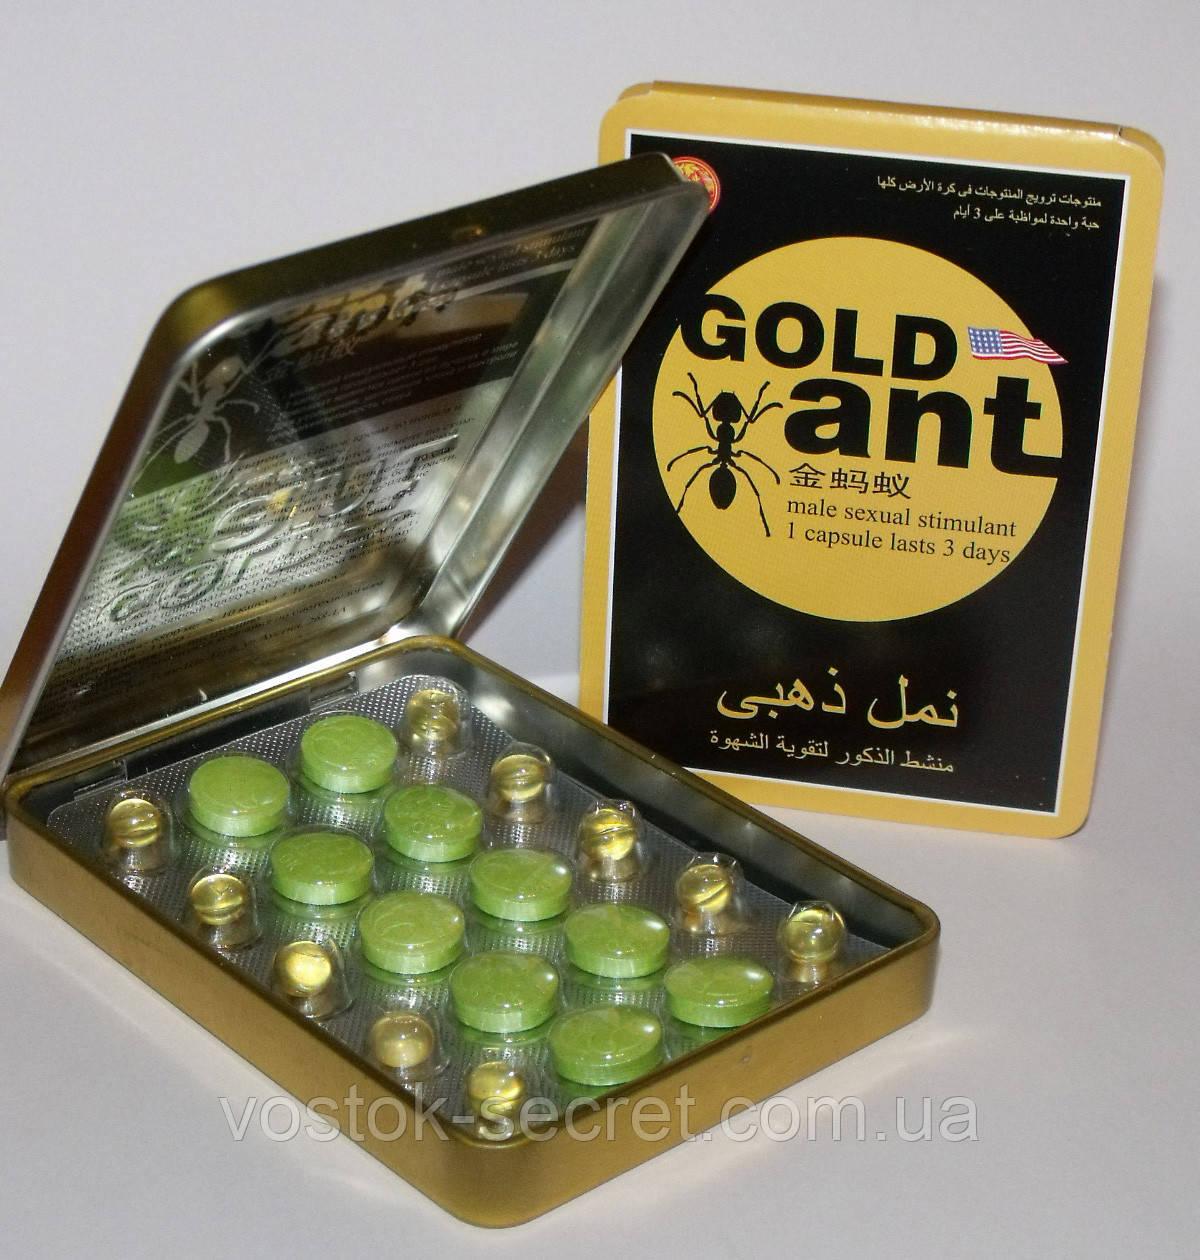 Препарат для потенции Gold Ant - Золотой Муравей (Капсулы)